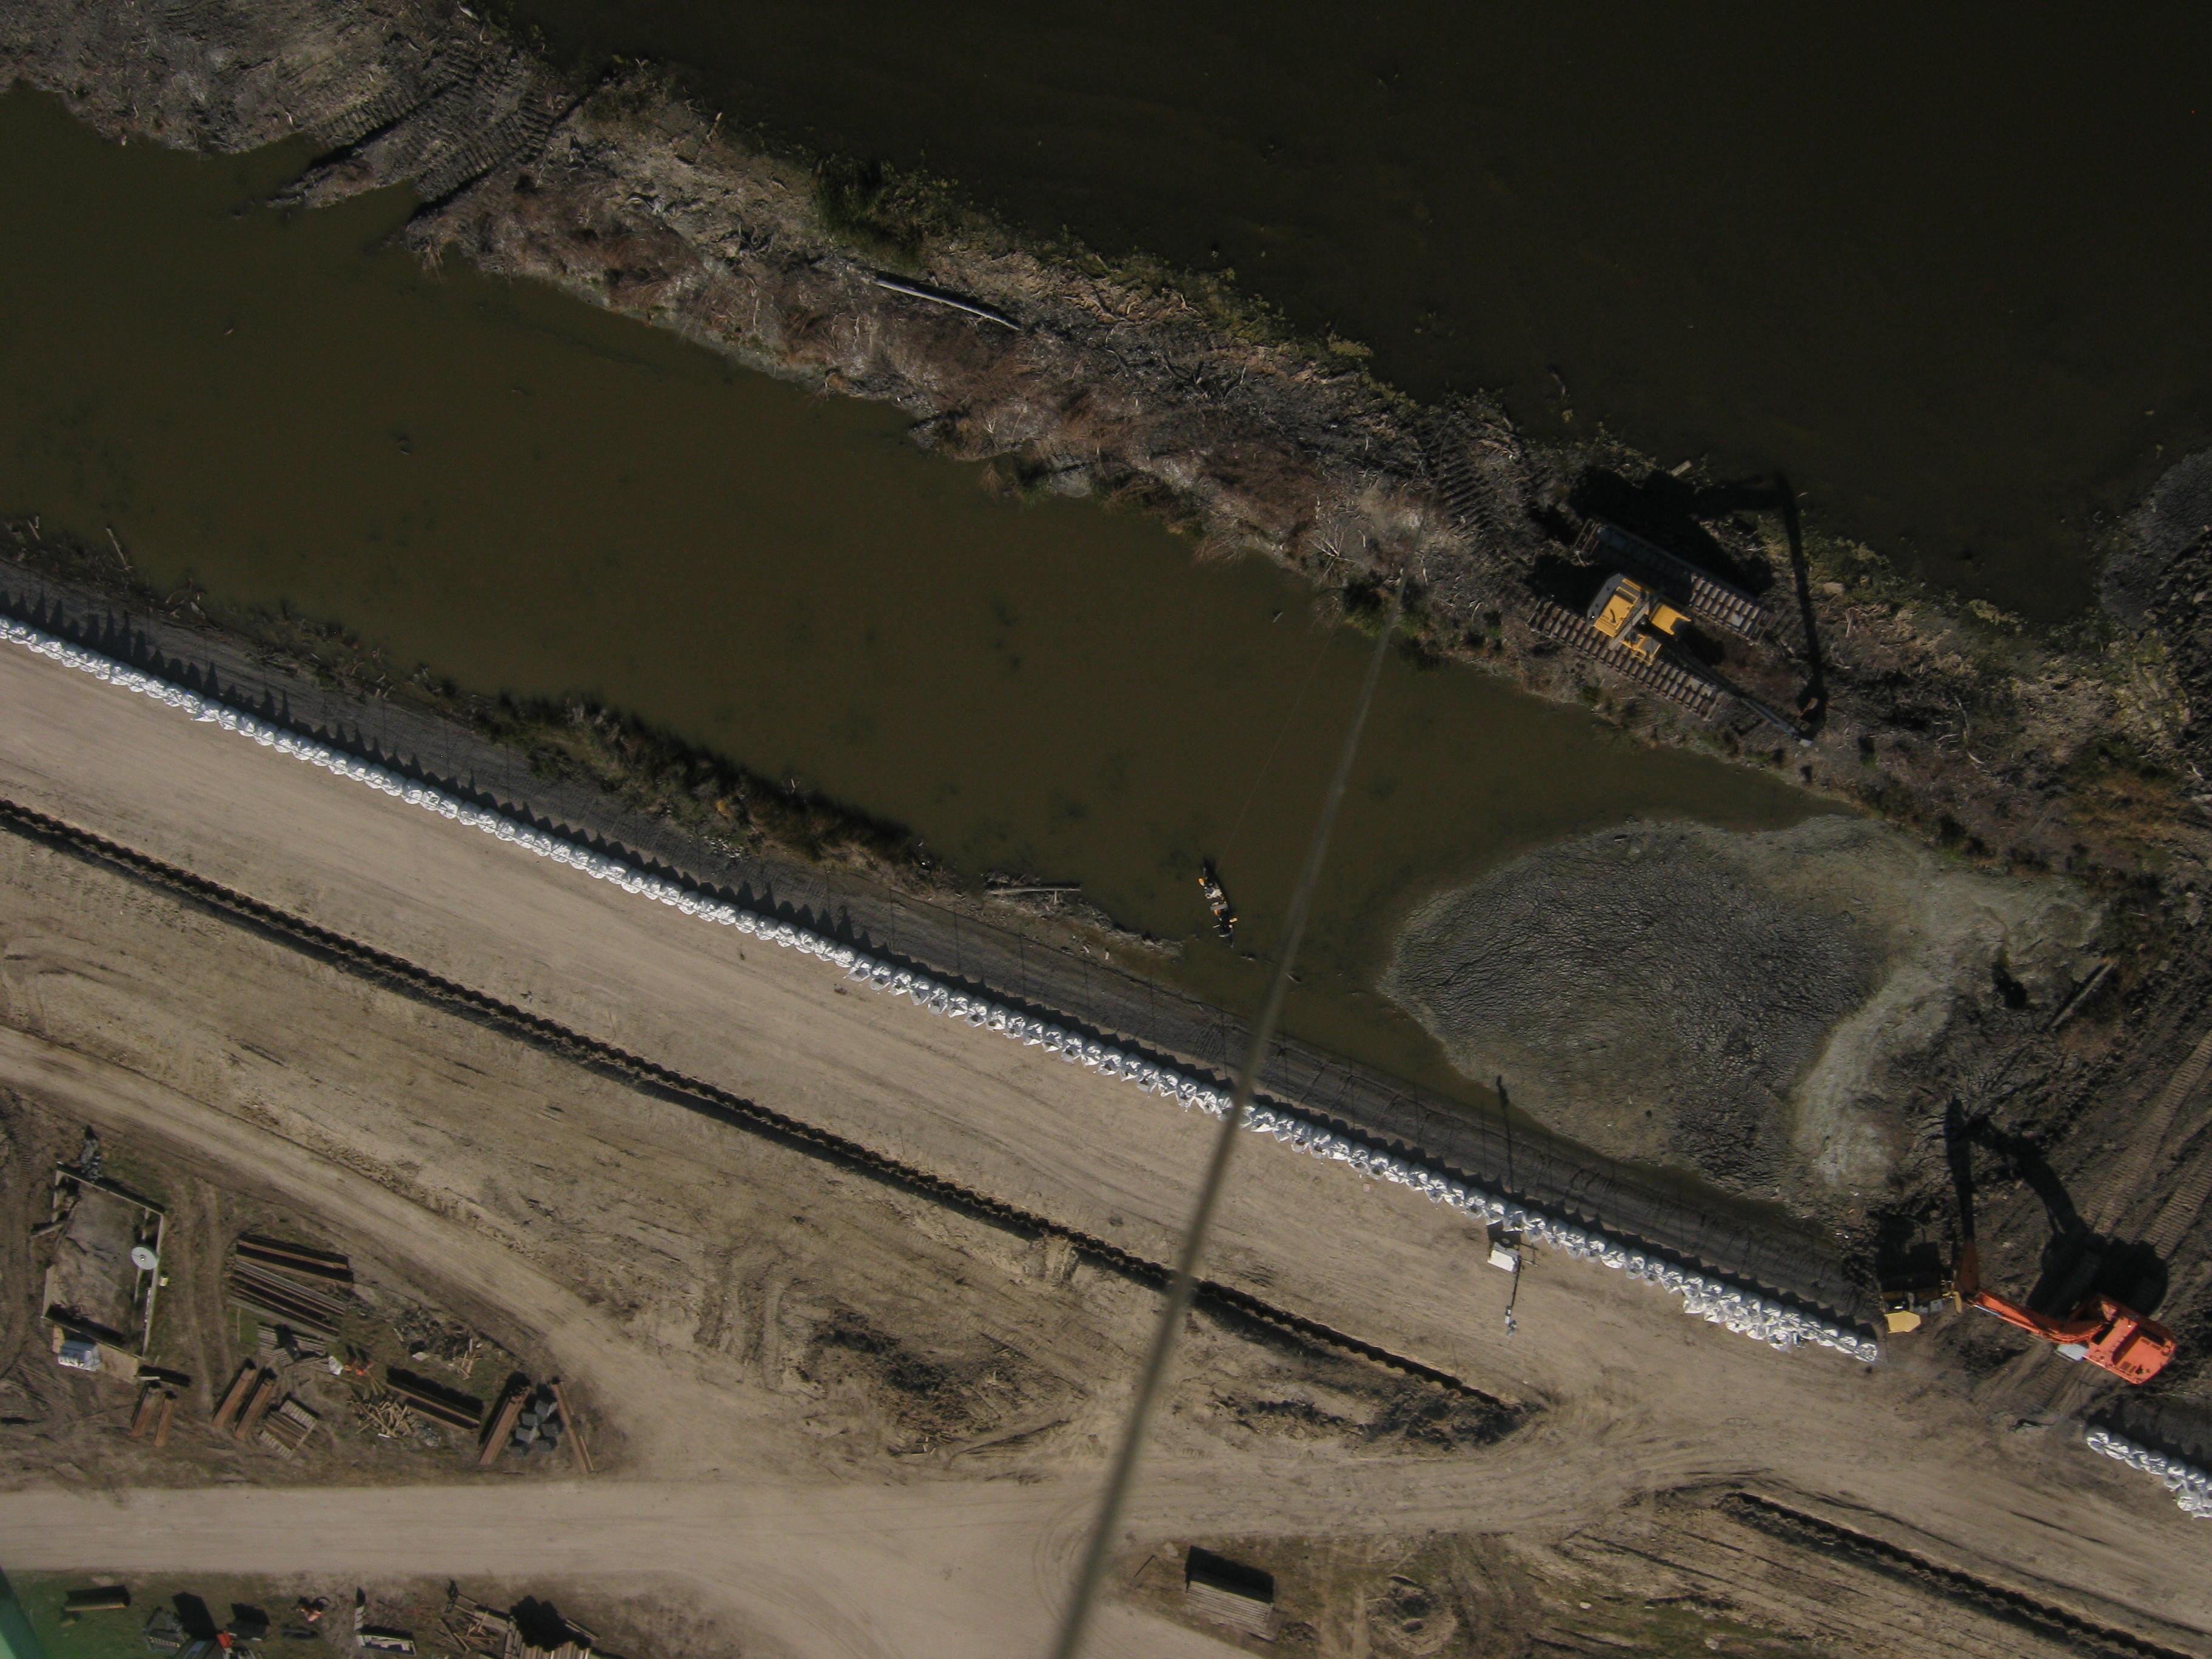 bienvenue-ciap-restoration-nov-2012